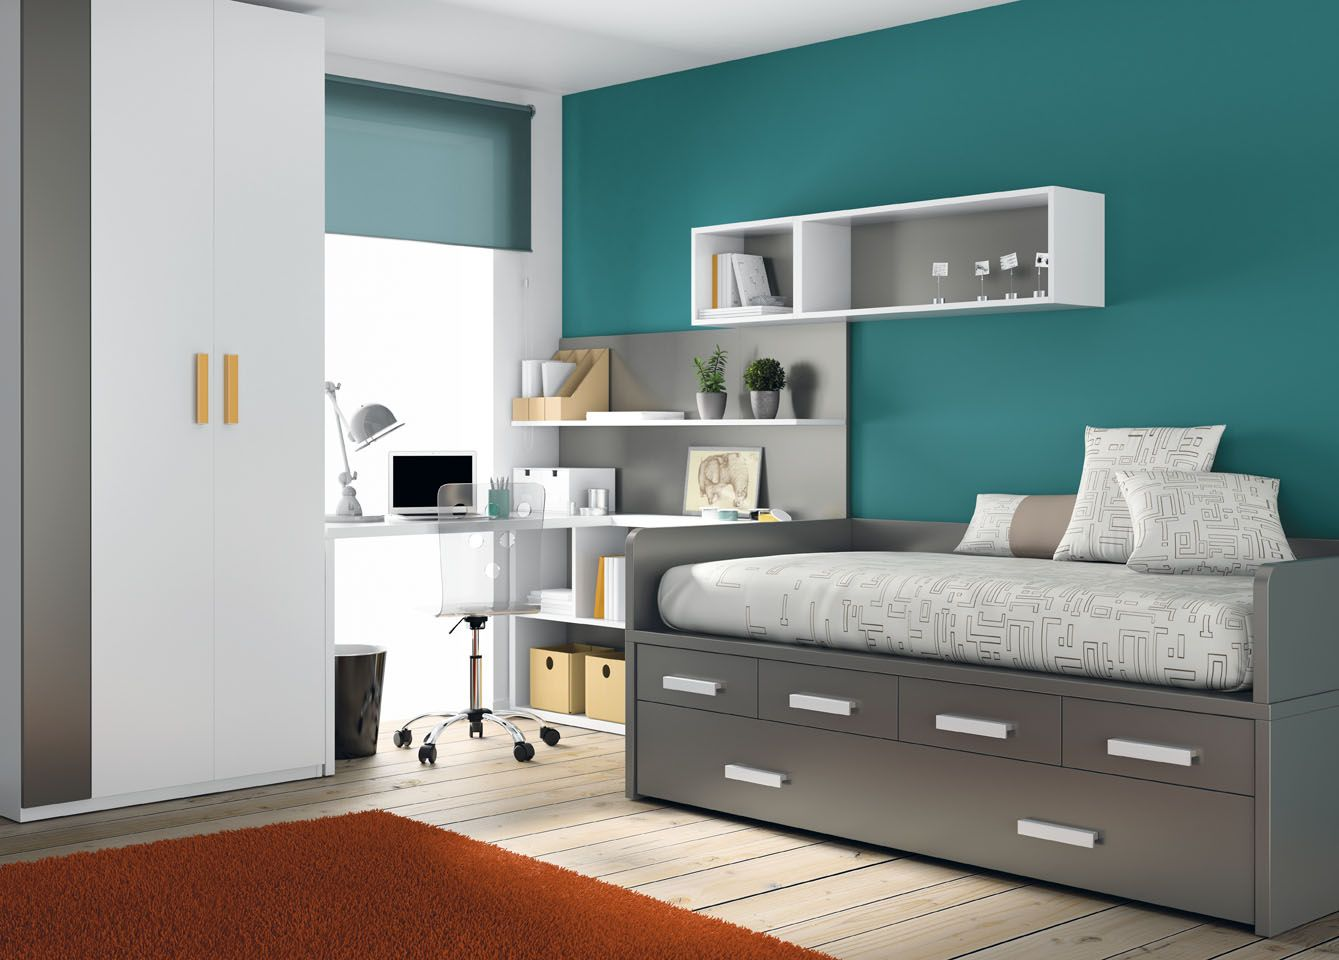 las juveniles de muebles ros dormitorios y